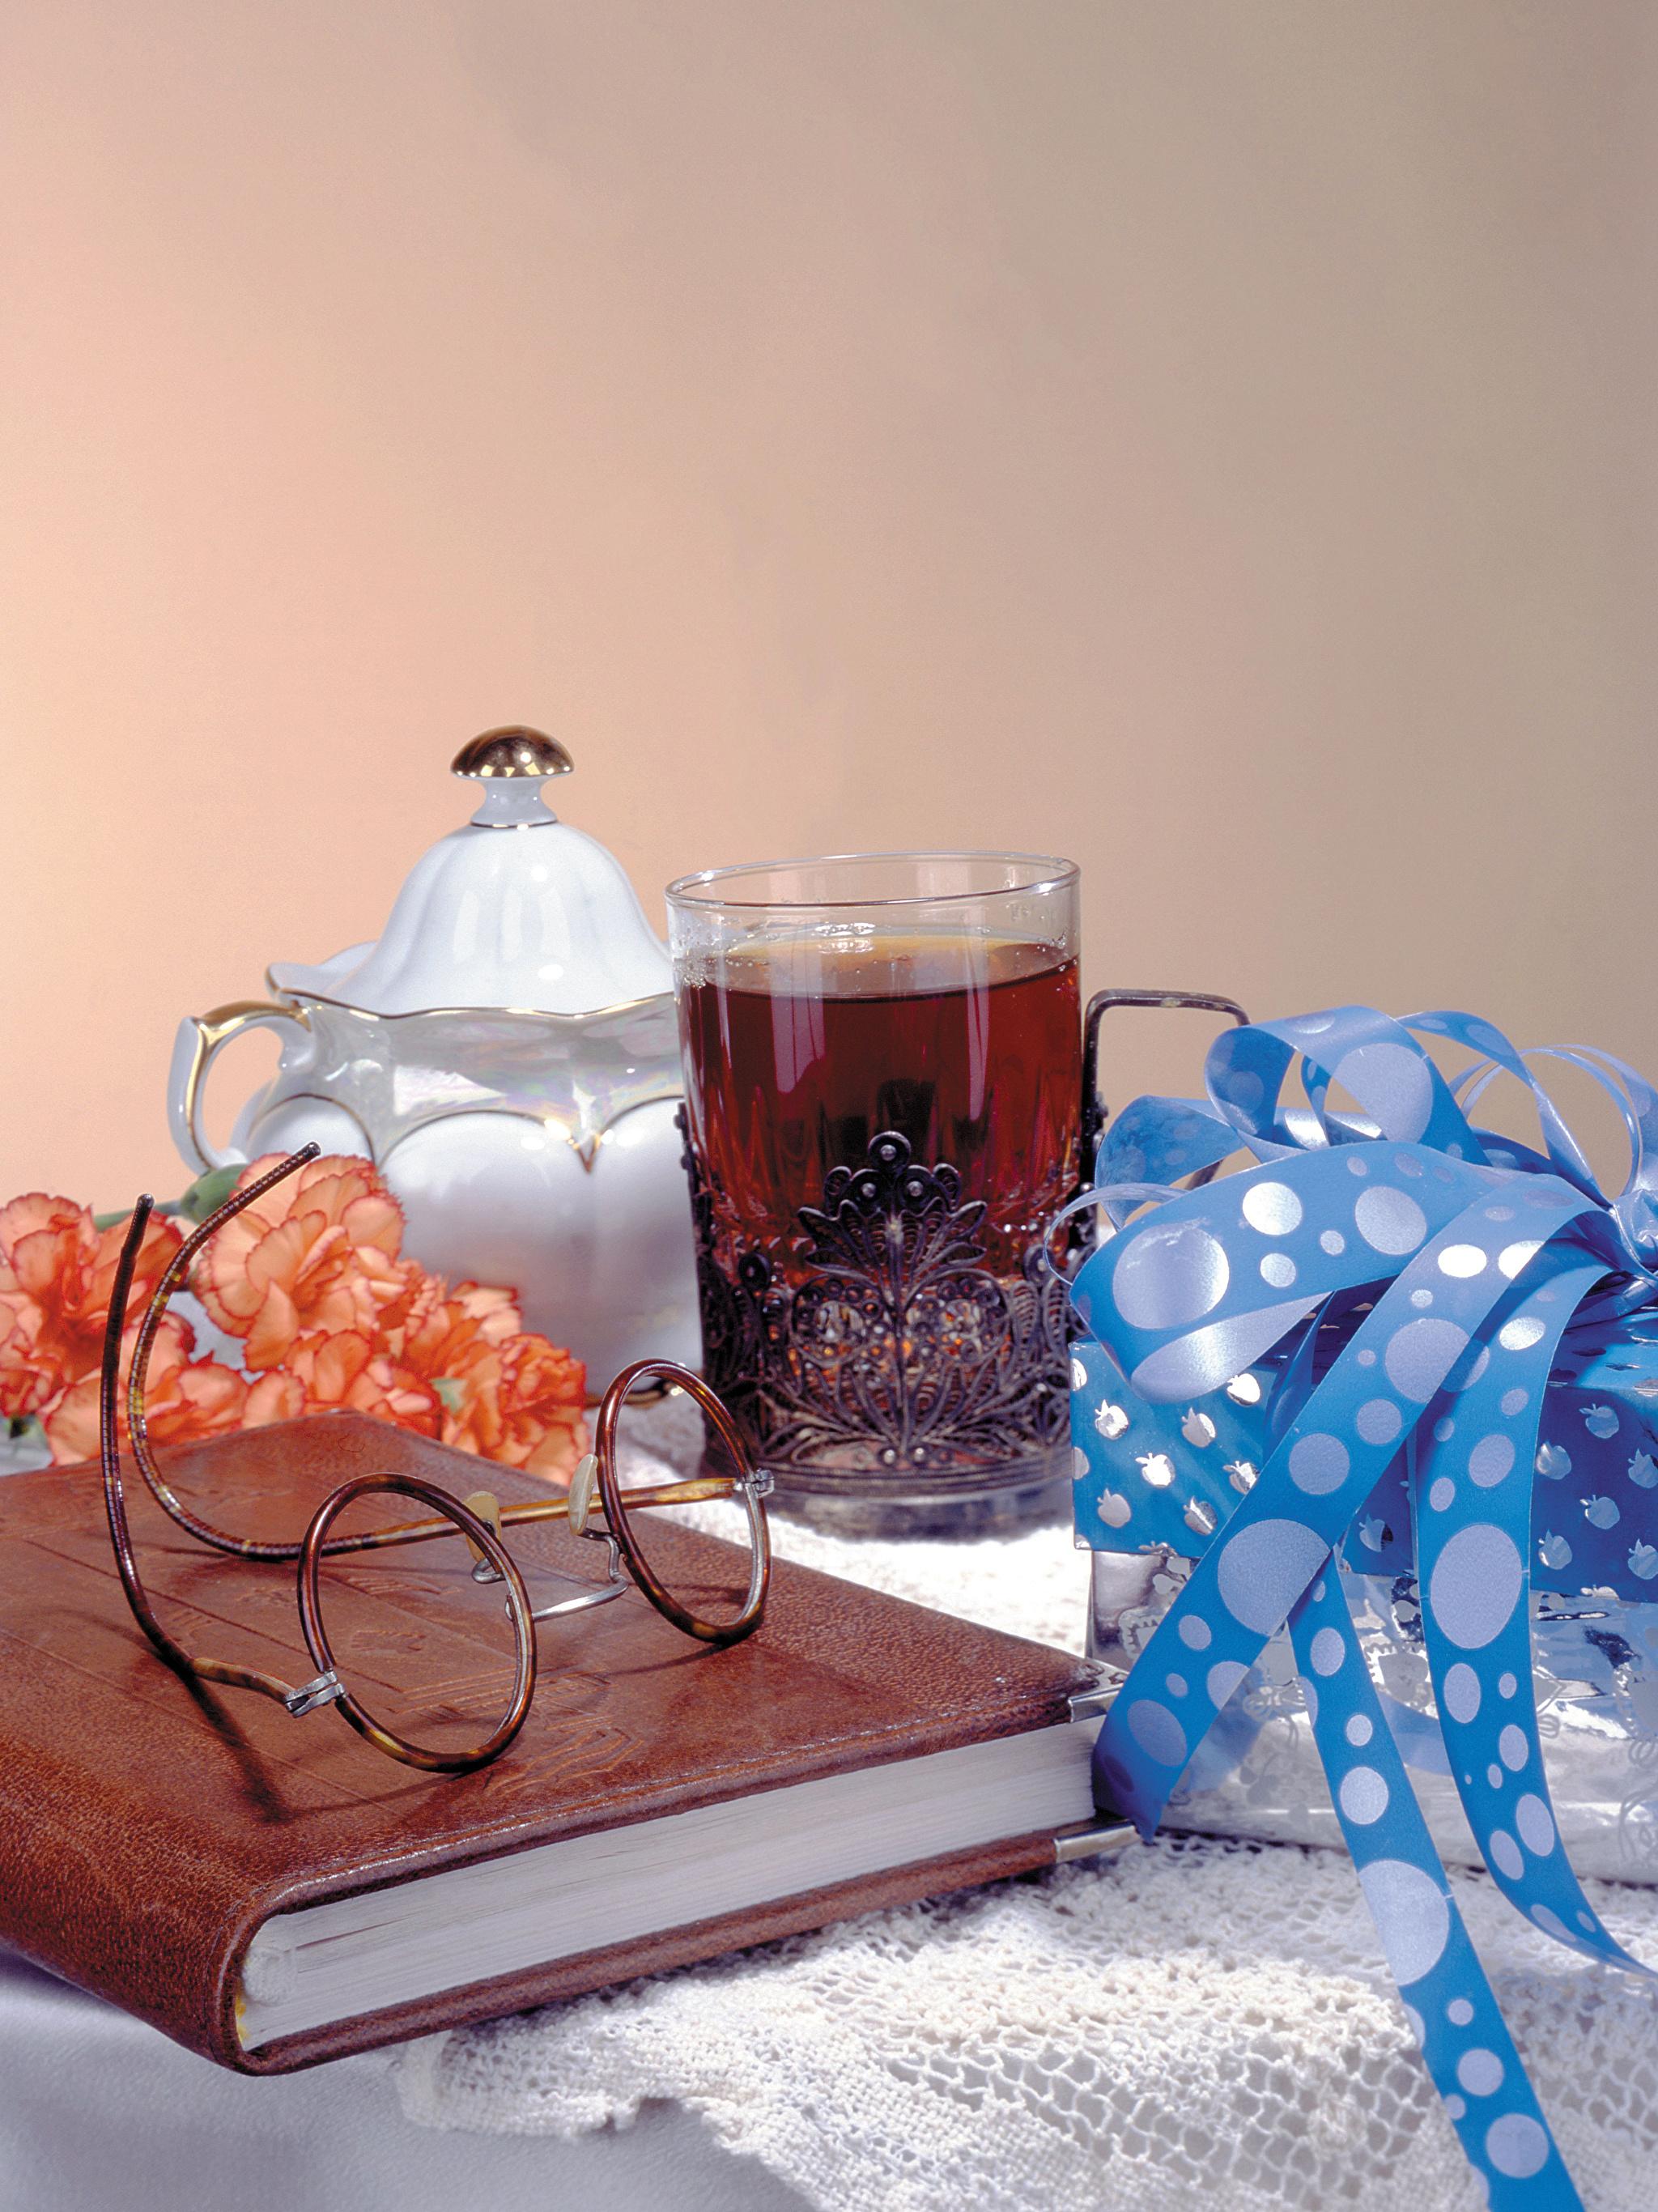 Фотографии Чай Стакан Подарки Еда Очки Книга Натюрморт 2048x2732 Пища Продукты питания